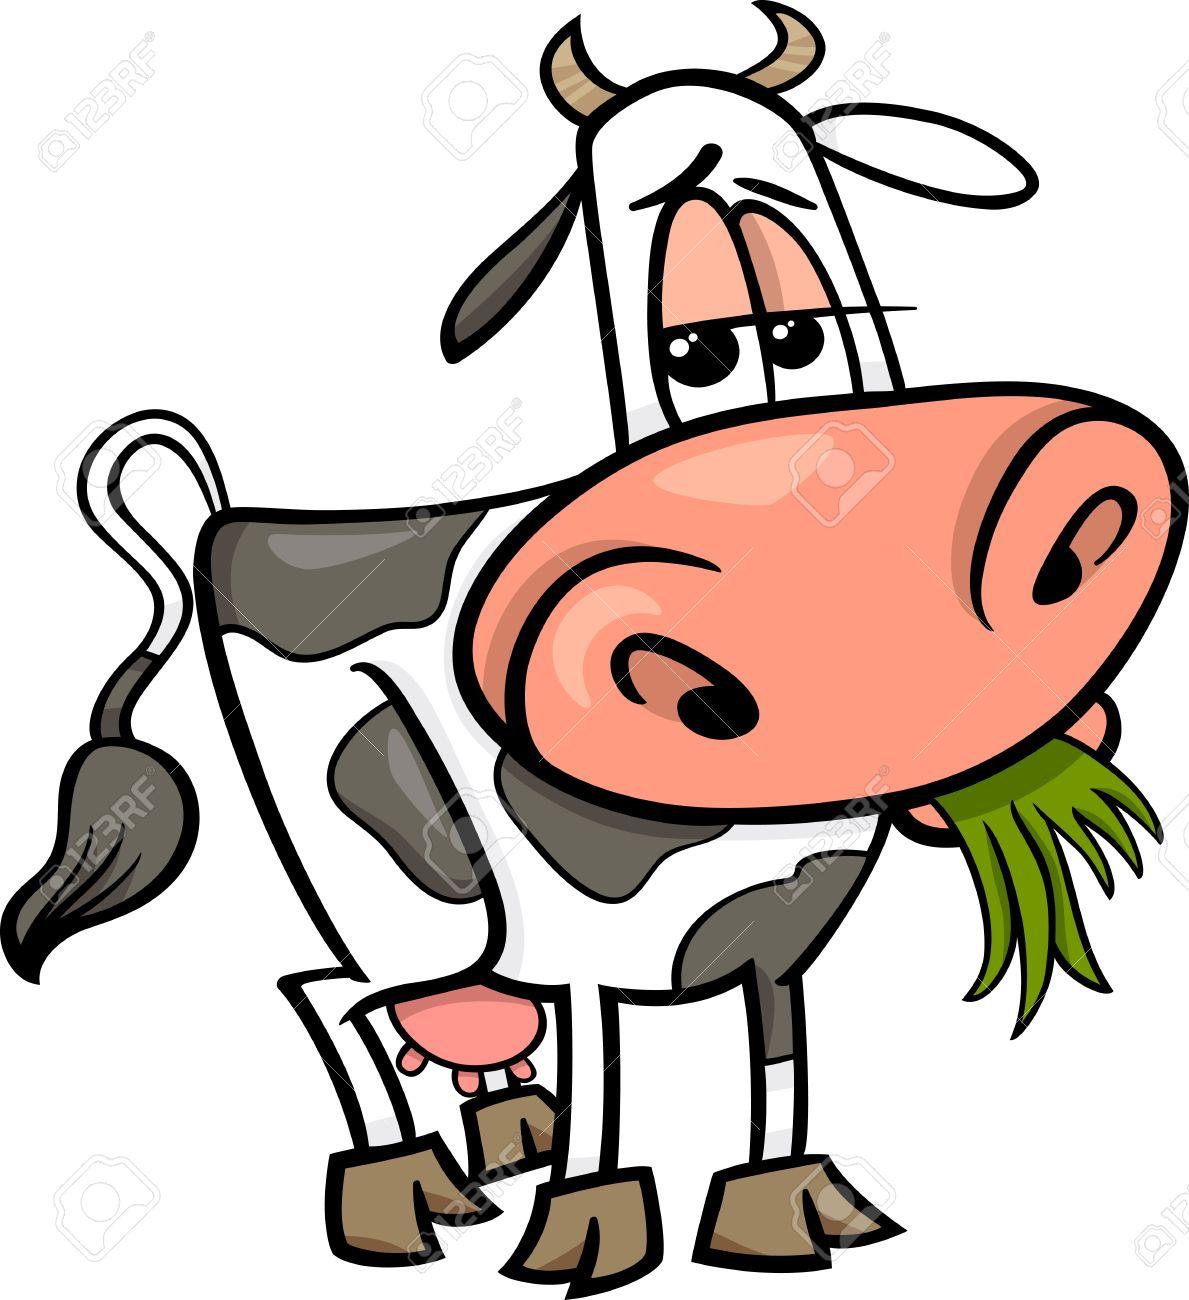 Resultado de imagen de dibujo de la vaca